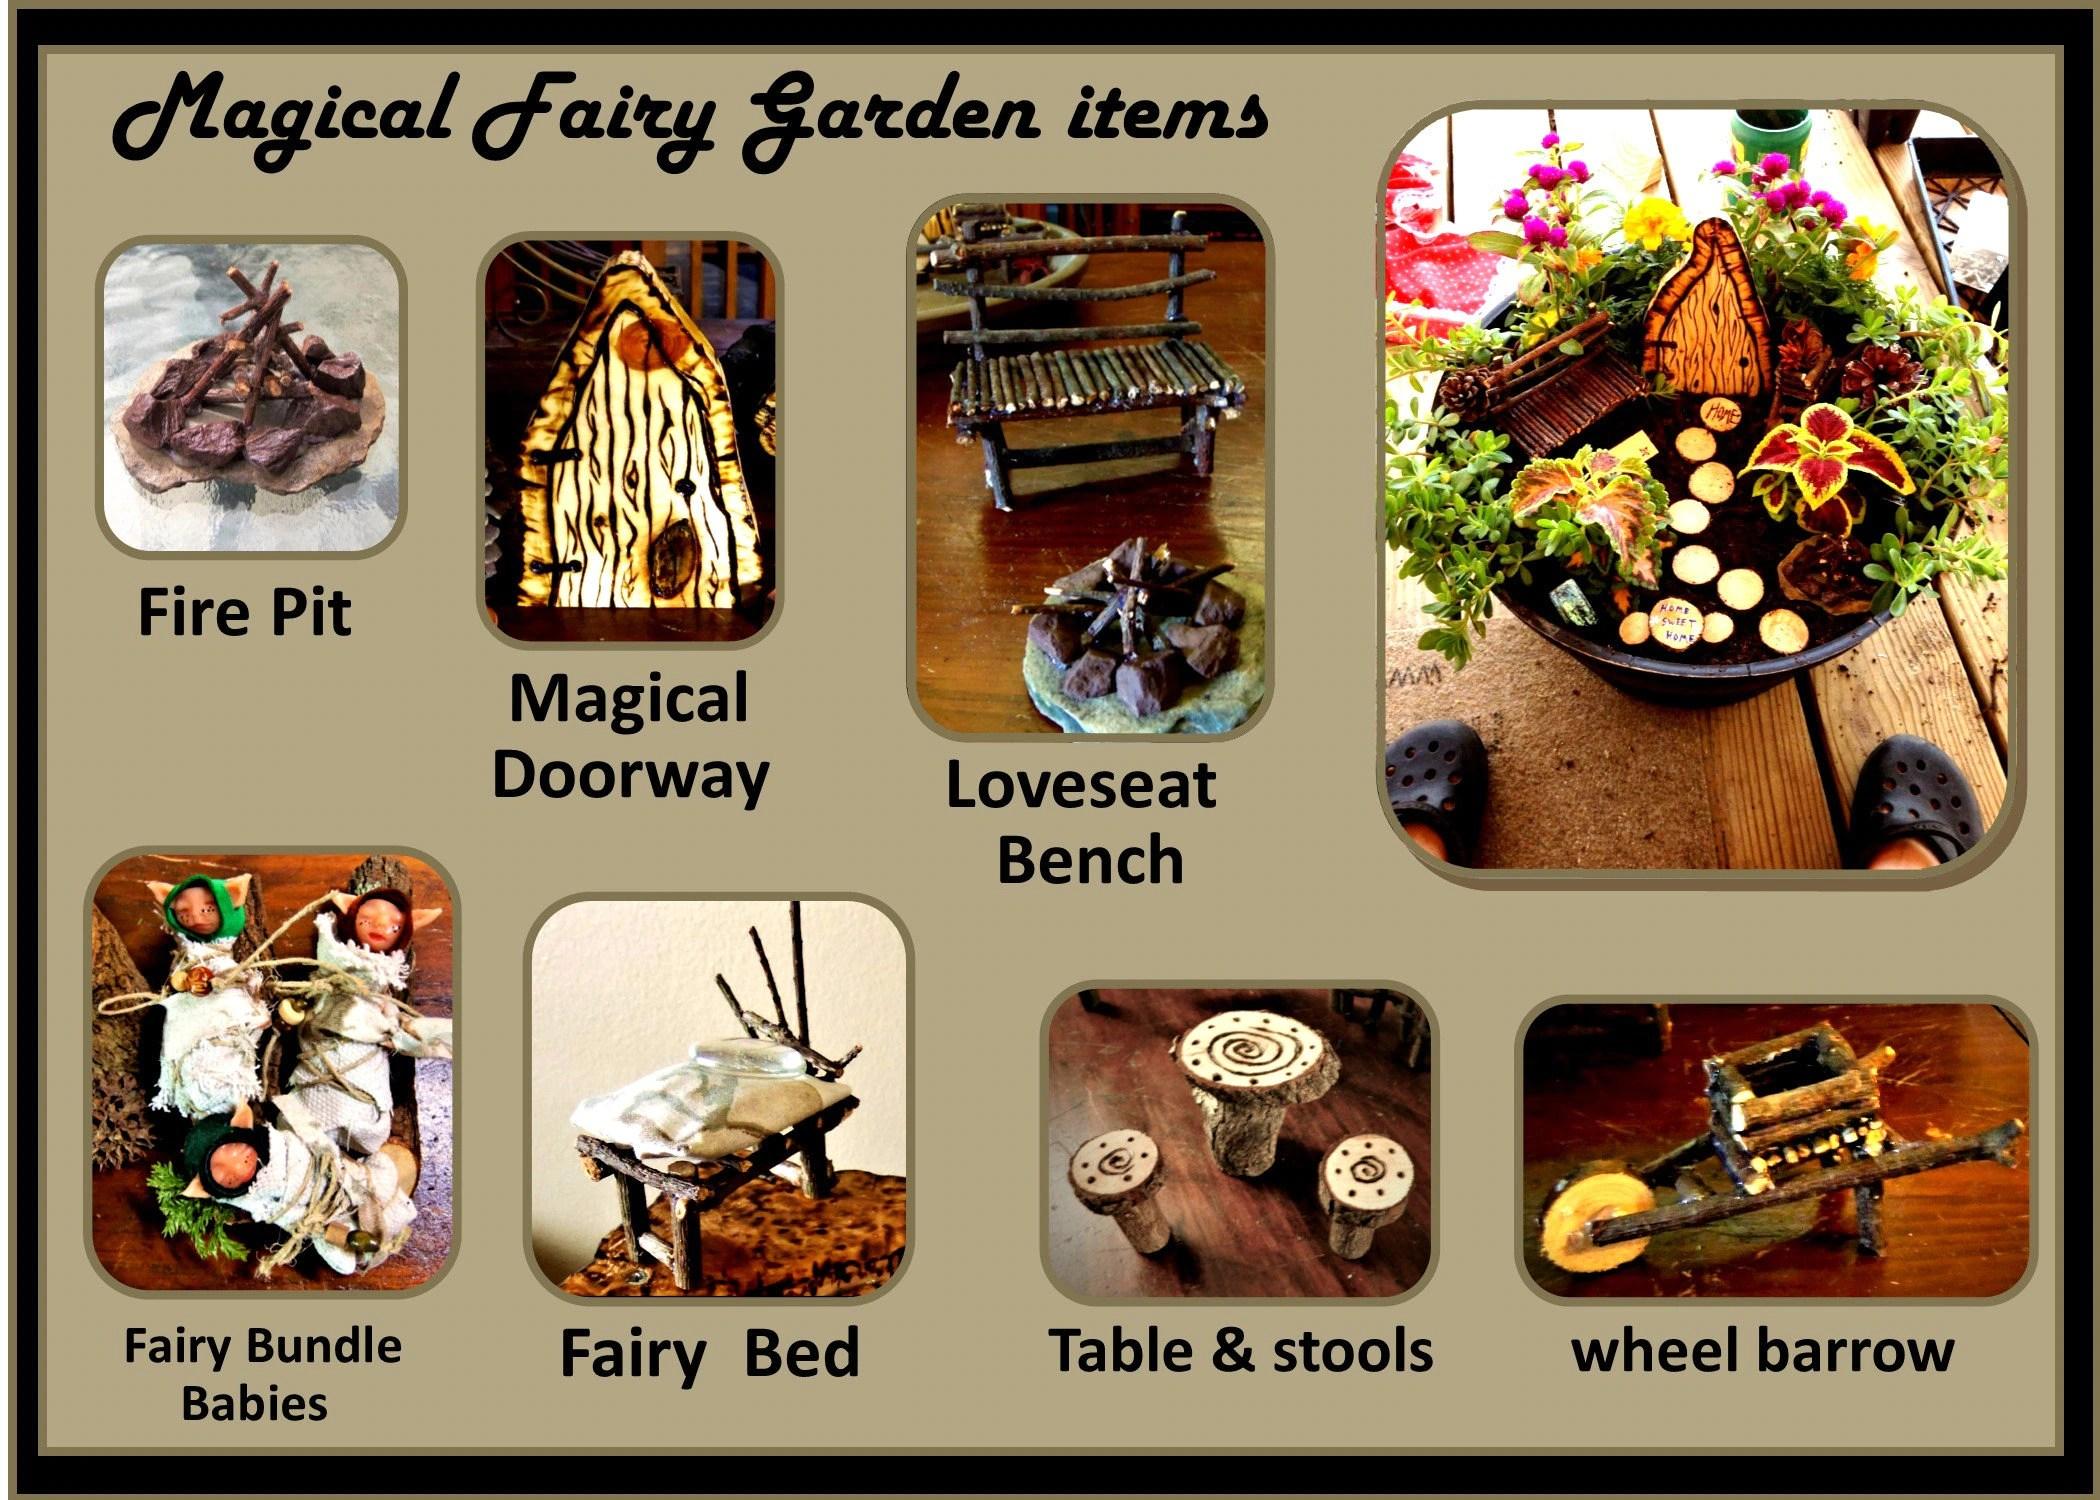 Howling Fairy Garden Kits Fairy Items Fairy Gardens Fairy Gardens Fairyfurniture Fairy House Fairies Garden Accessories Fairy Garden Kits Fairy Items Fairy Gardens Fairy Gardens garden Fairy Gardens Kits